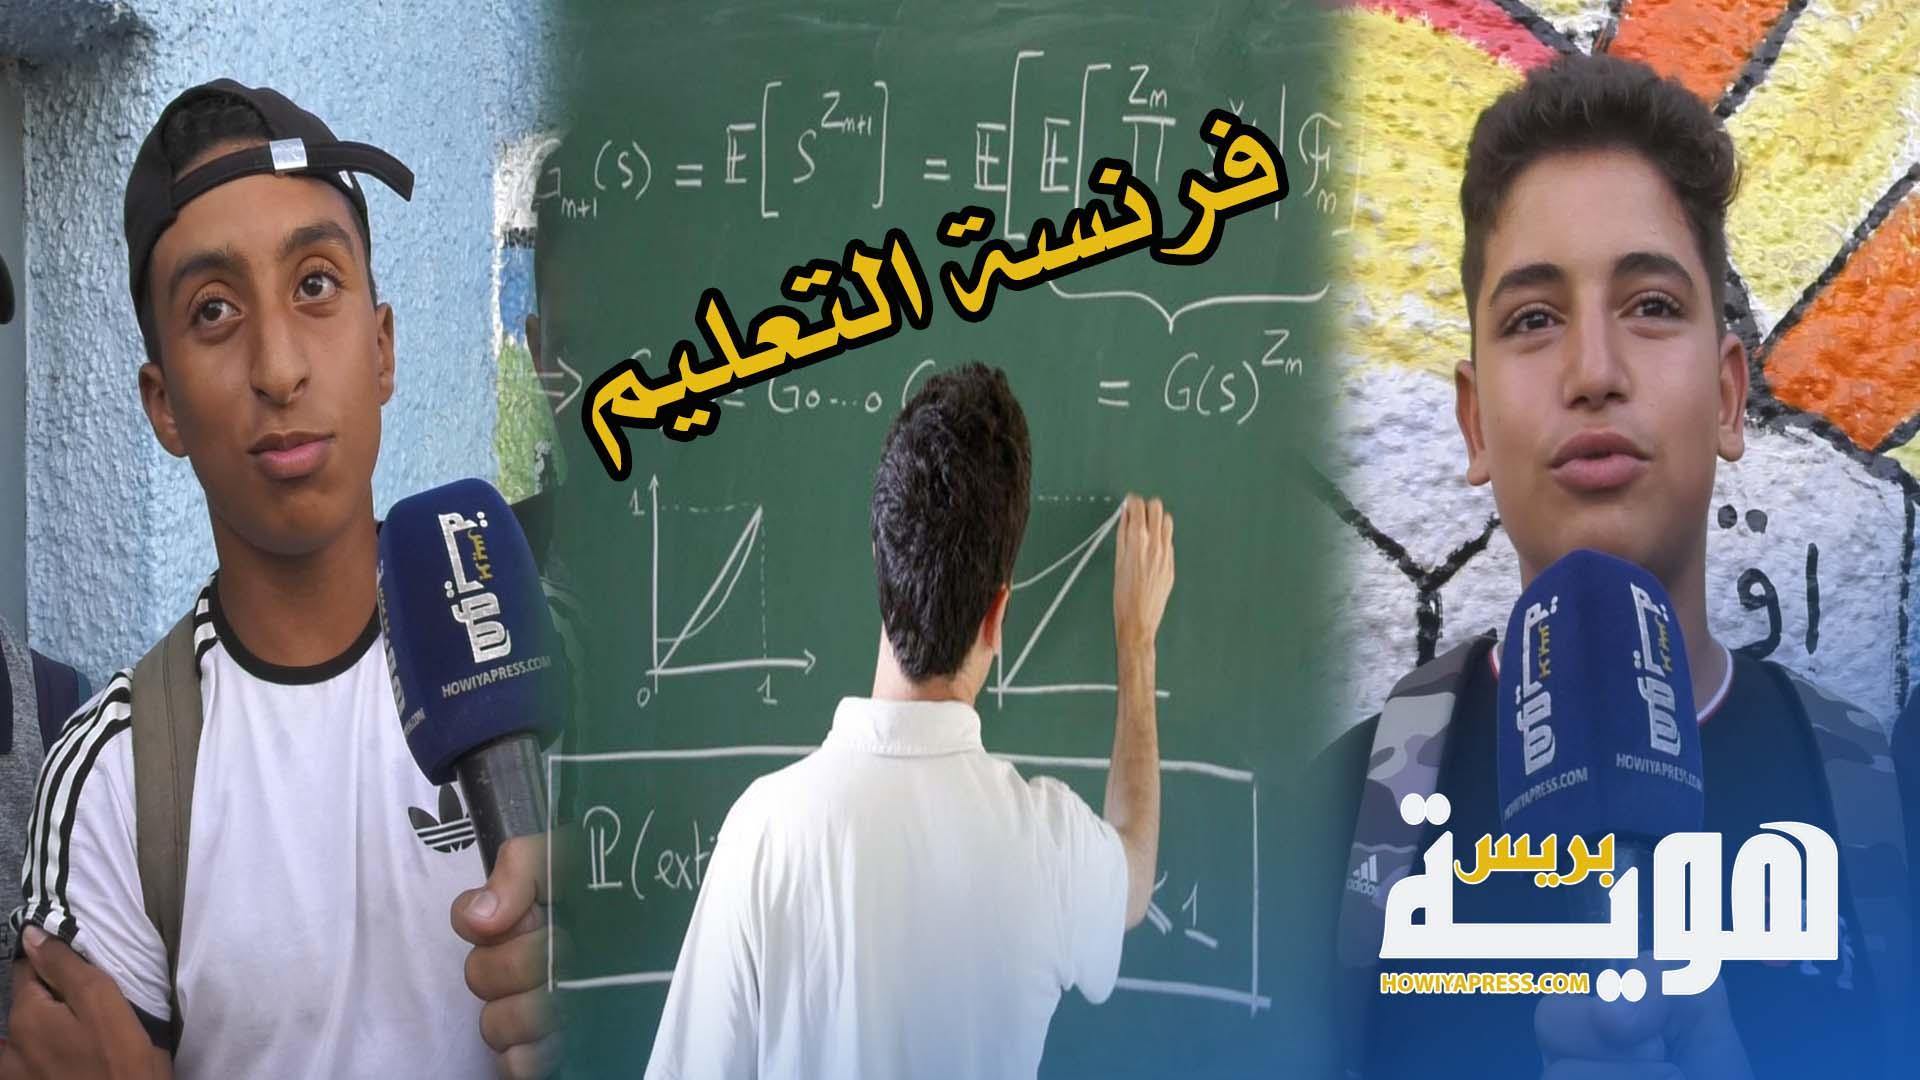 """فيديو.. بعد """"فرنسة التعليم"""".. تلاميذ: الأساتذة عاجزون عن تدريس المواد ونحن أكثر منهم"""